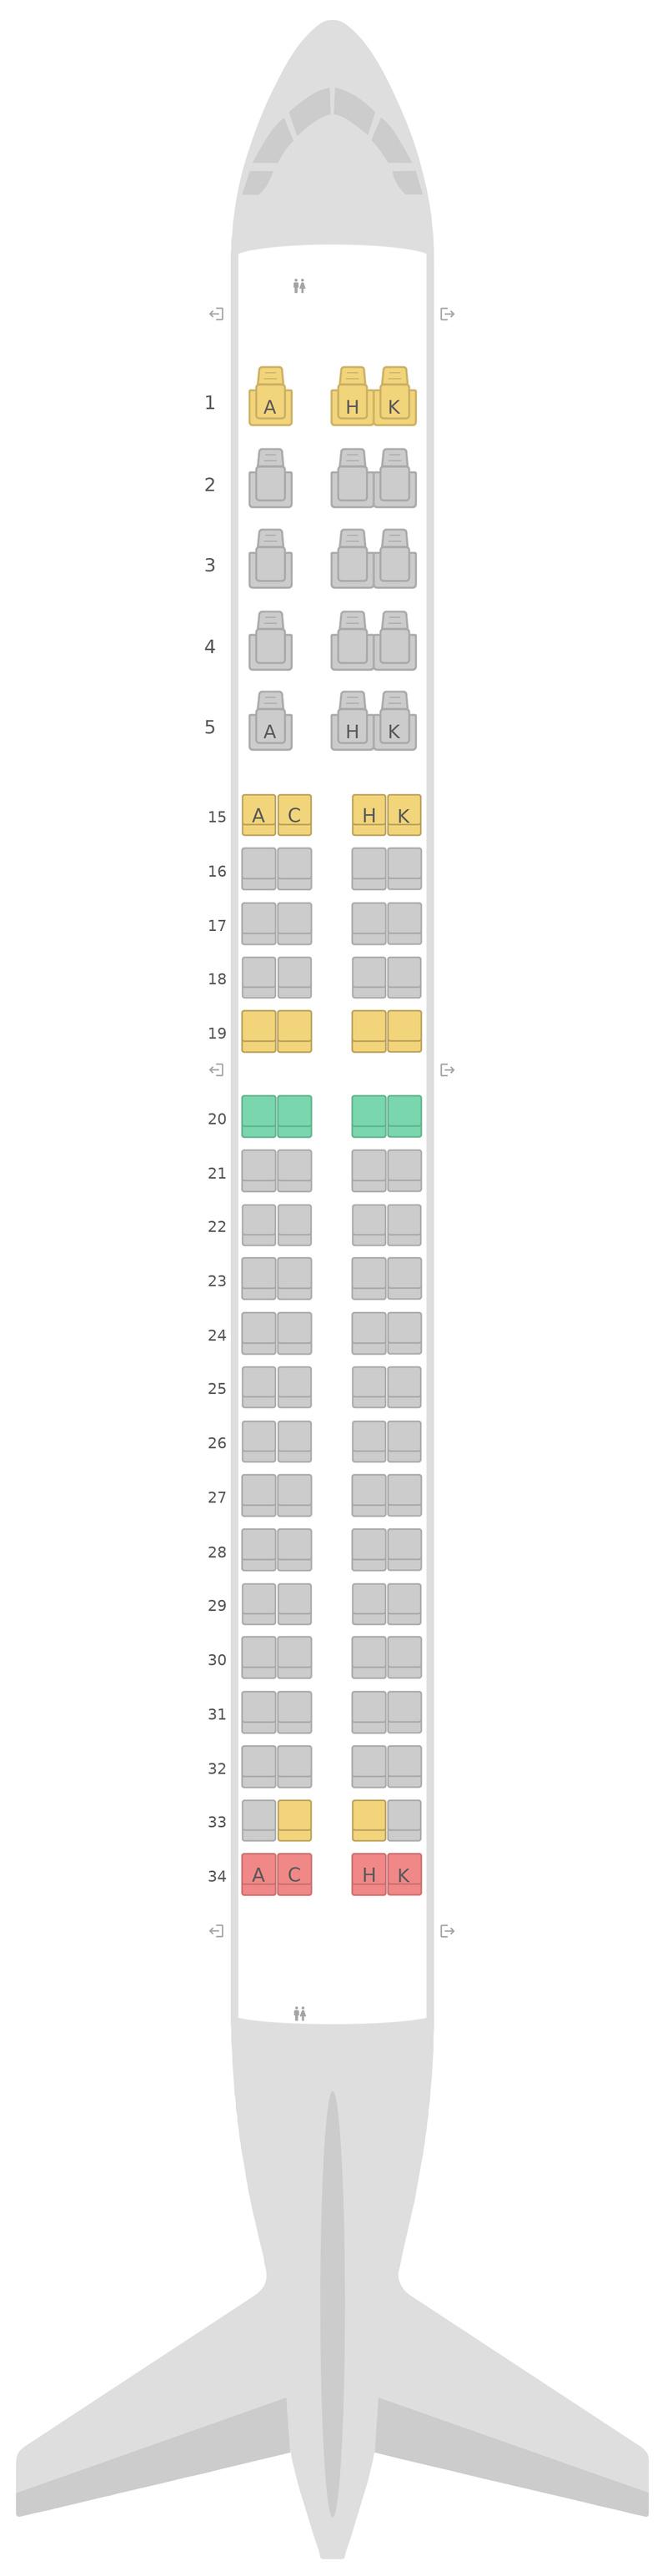 Mapa de asientos Embraer E190 (E90) Japan Airlines (JAL)